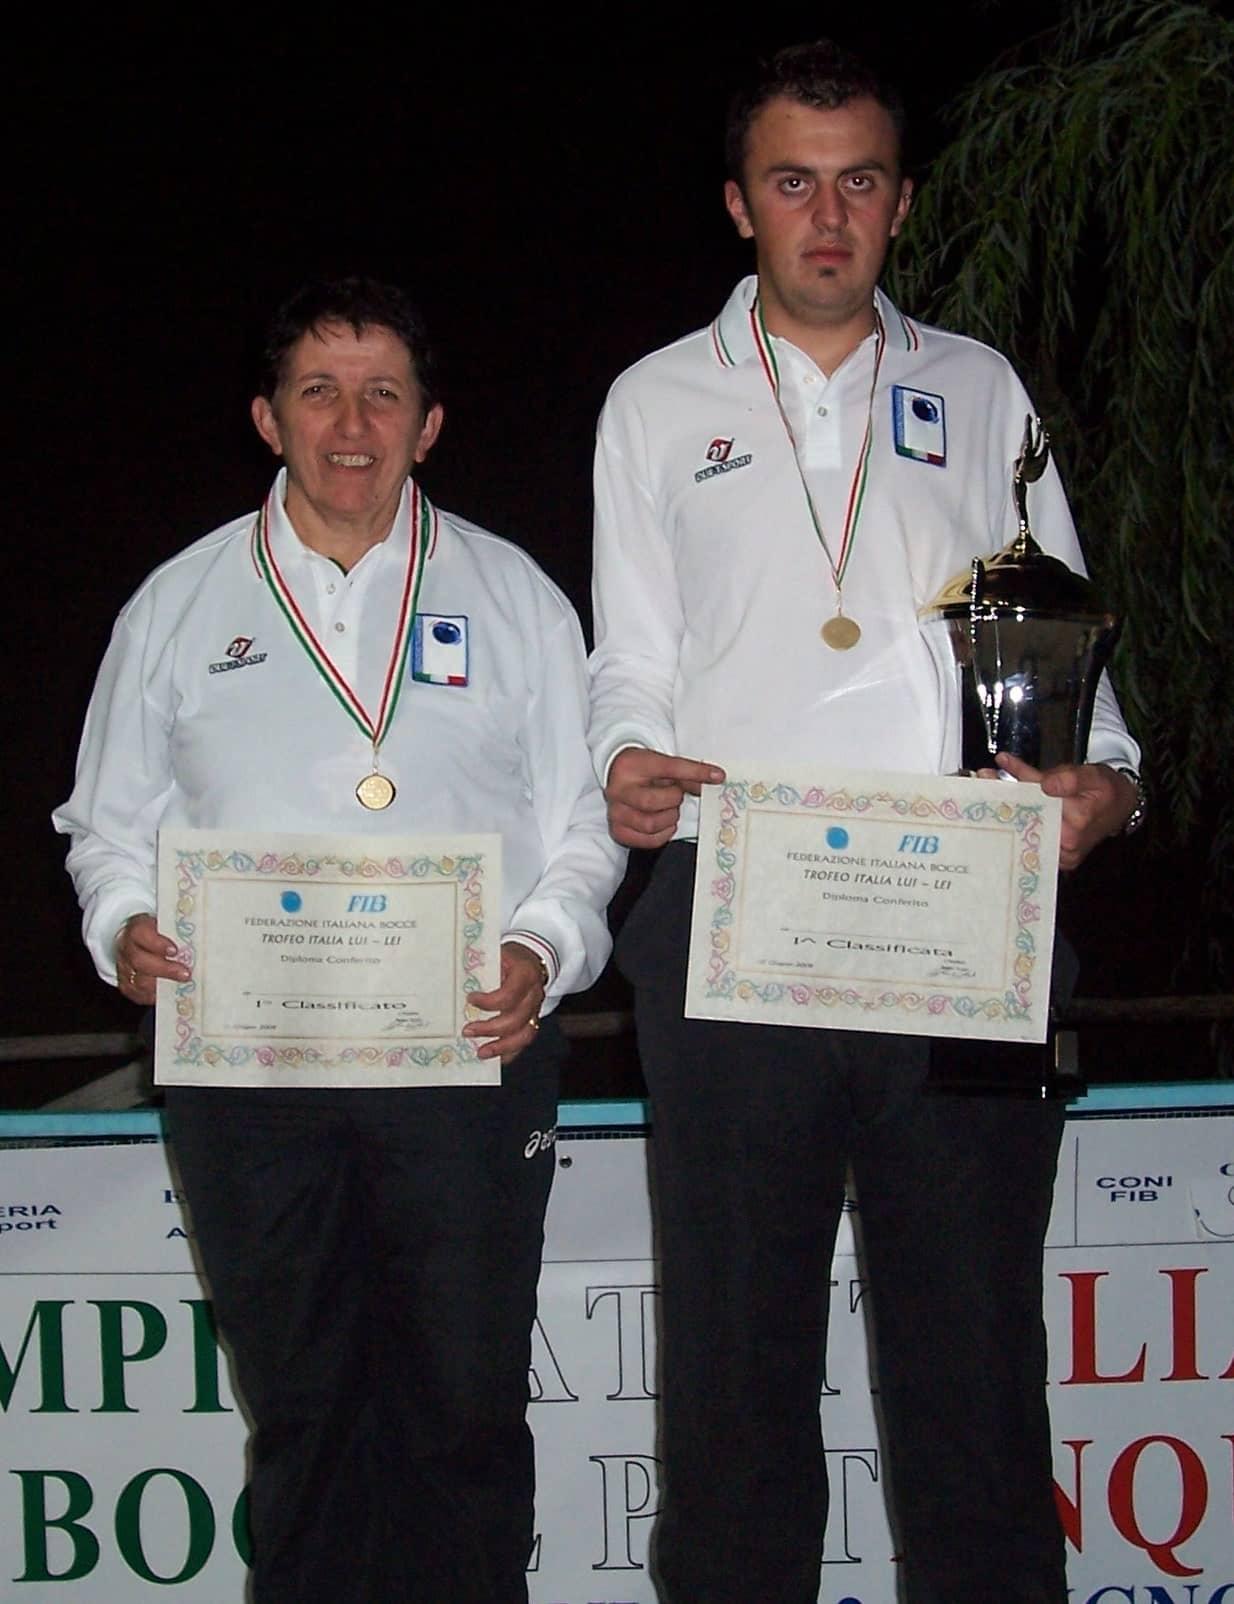 Trofeo Italia giraudo-bottero 2003